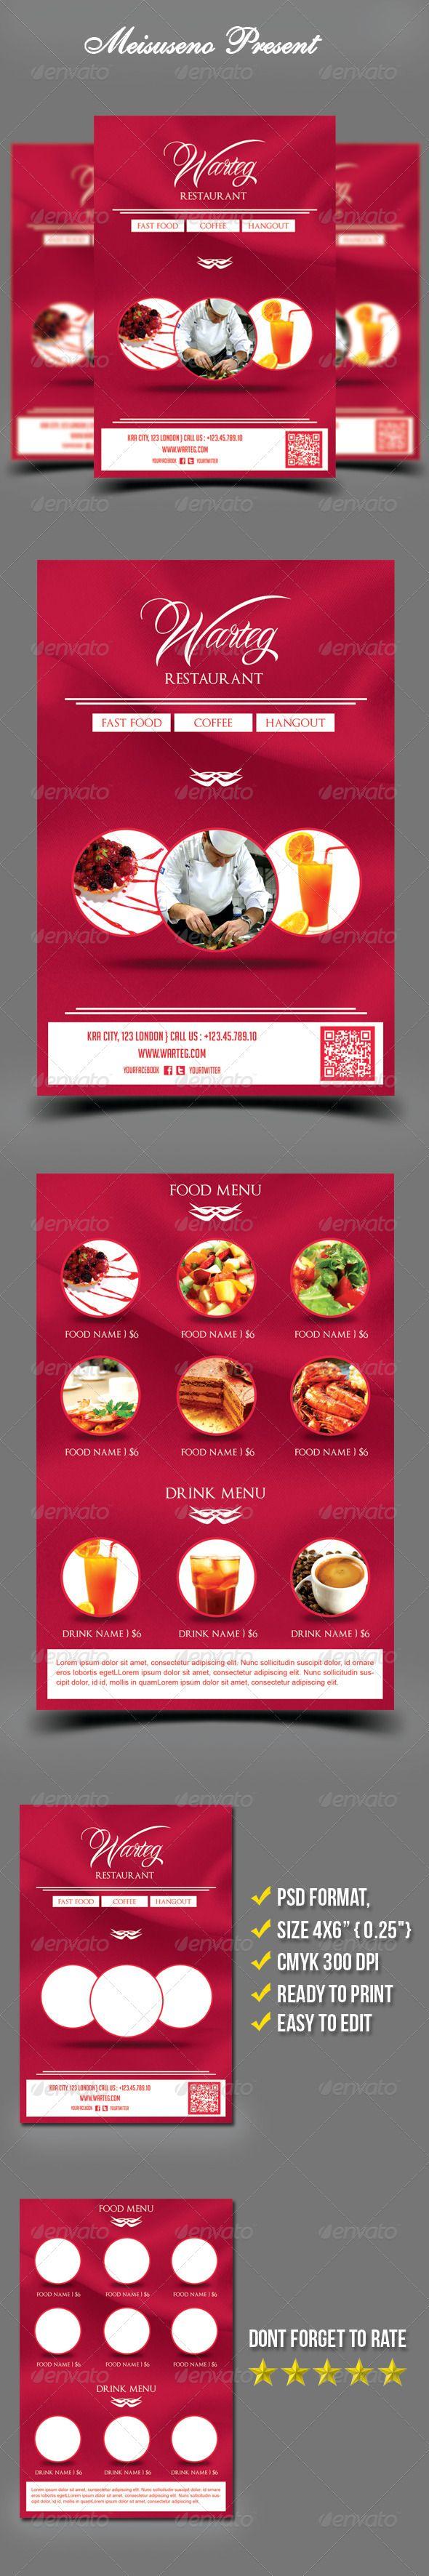 warteg restaurant flyer template adobe photoshop flyer template warteg restaurant flyer template graphicriver